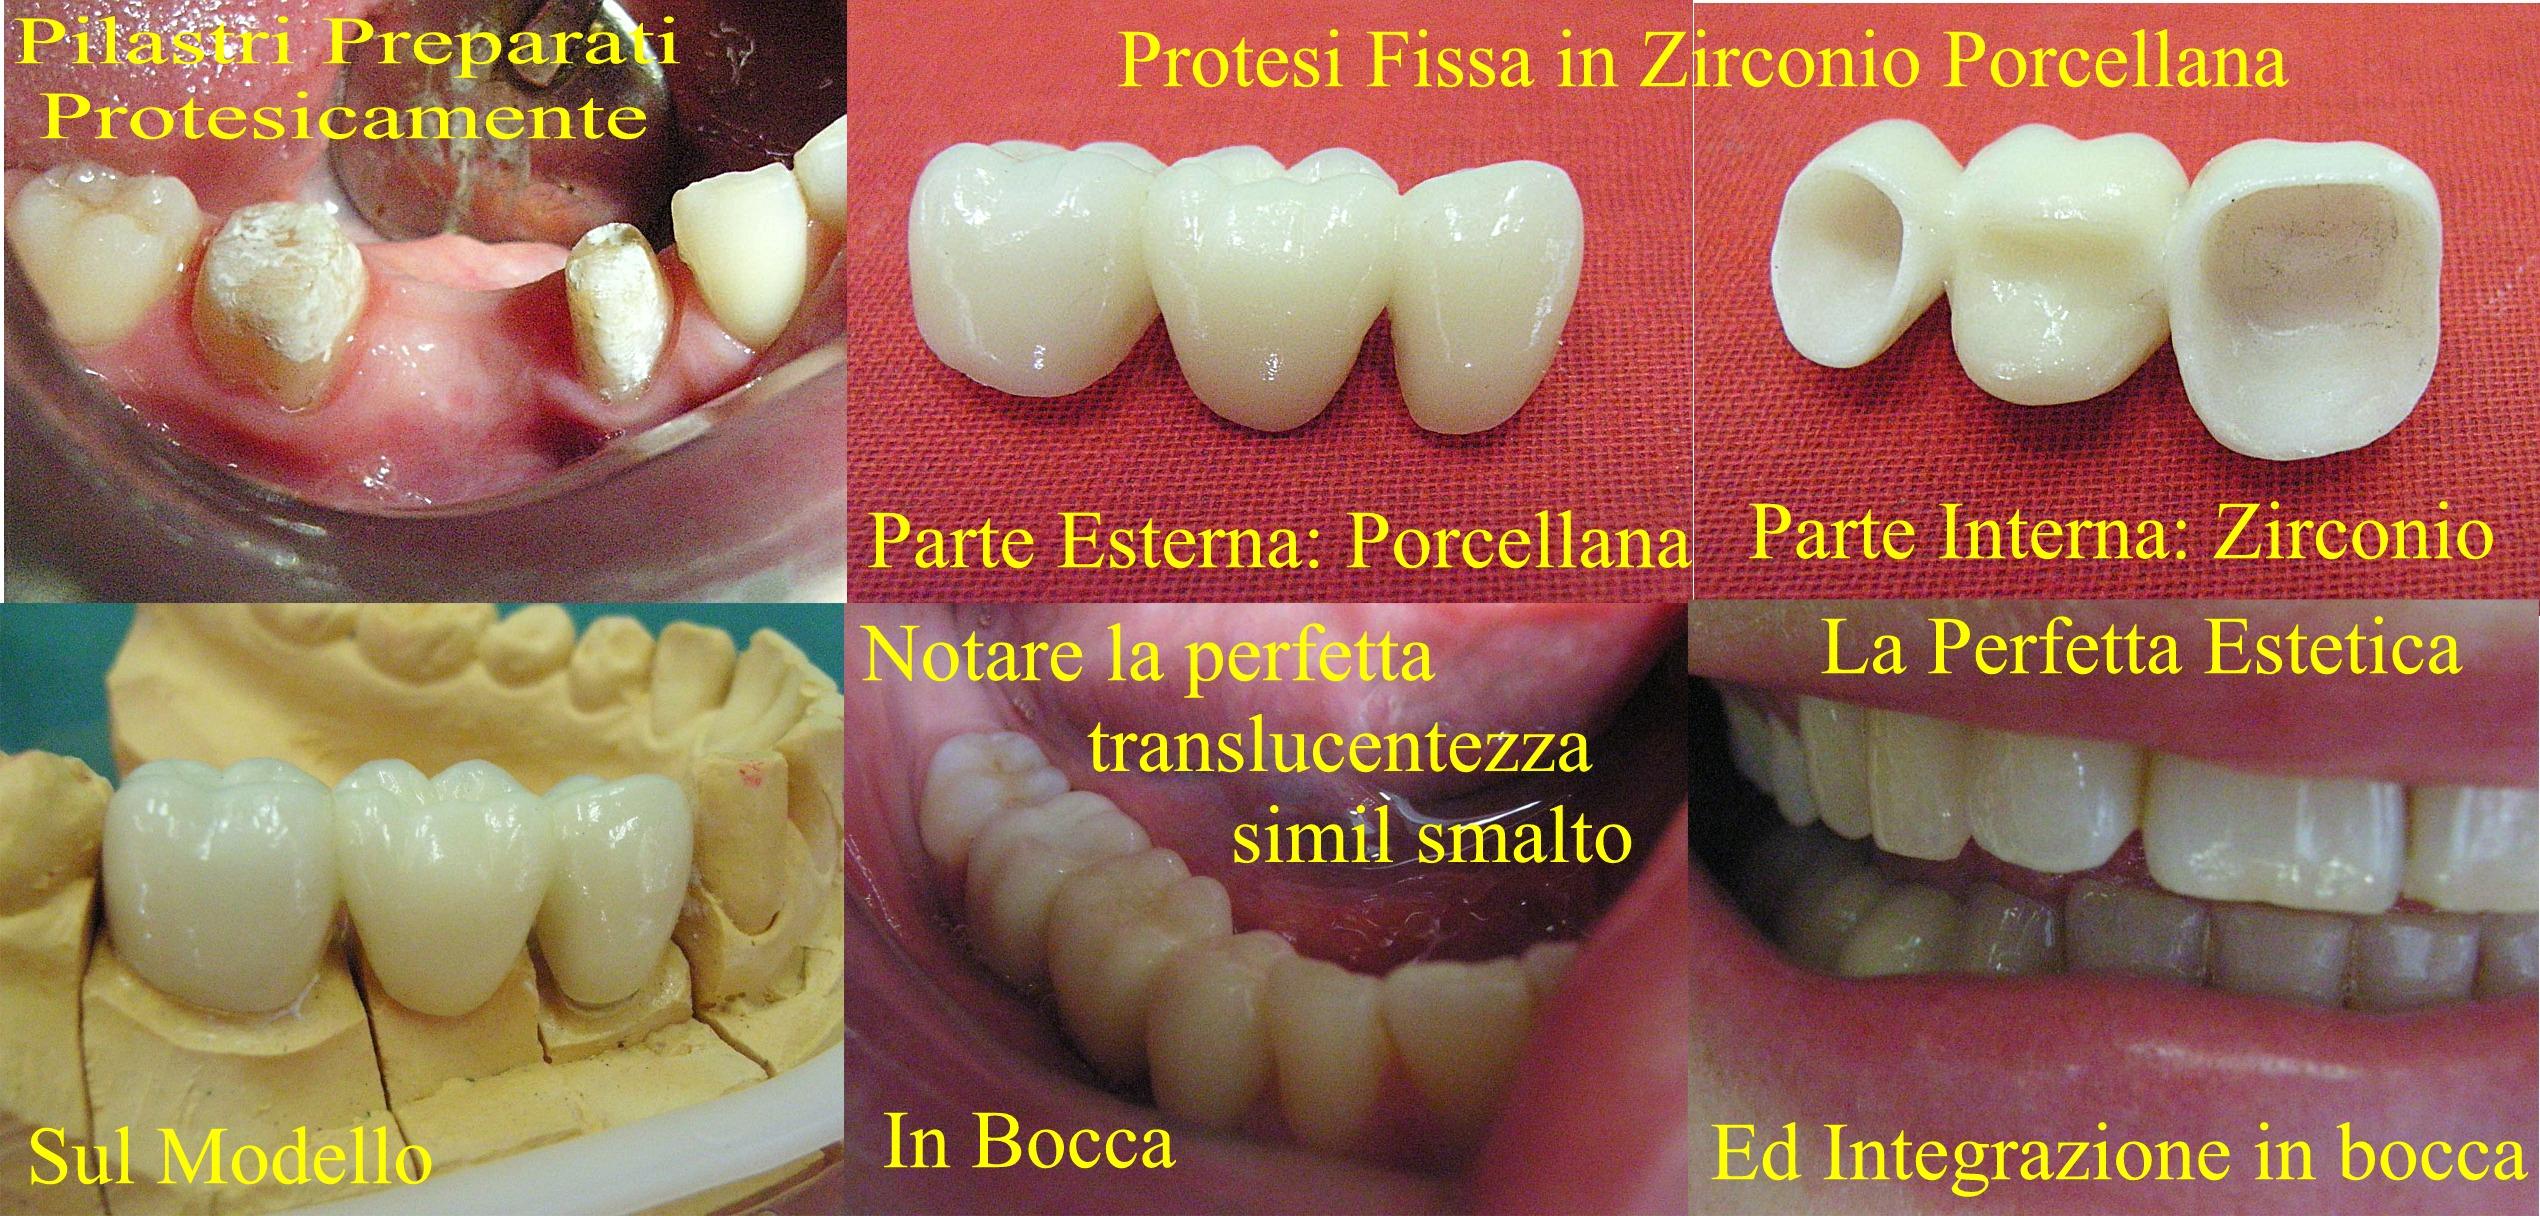 Zirconio Porcellana. Da casistica della Dr.ssa Claudia Petti di Cagliari